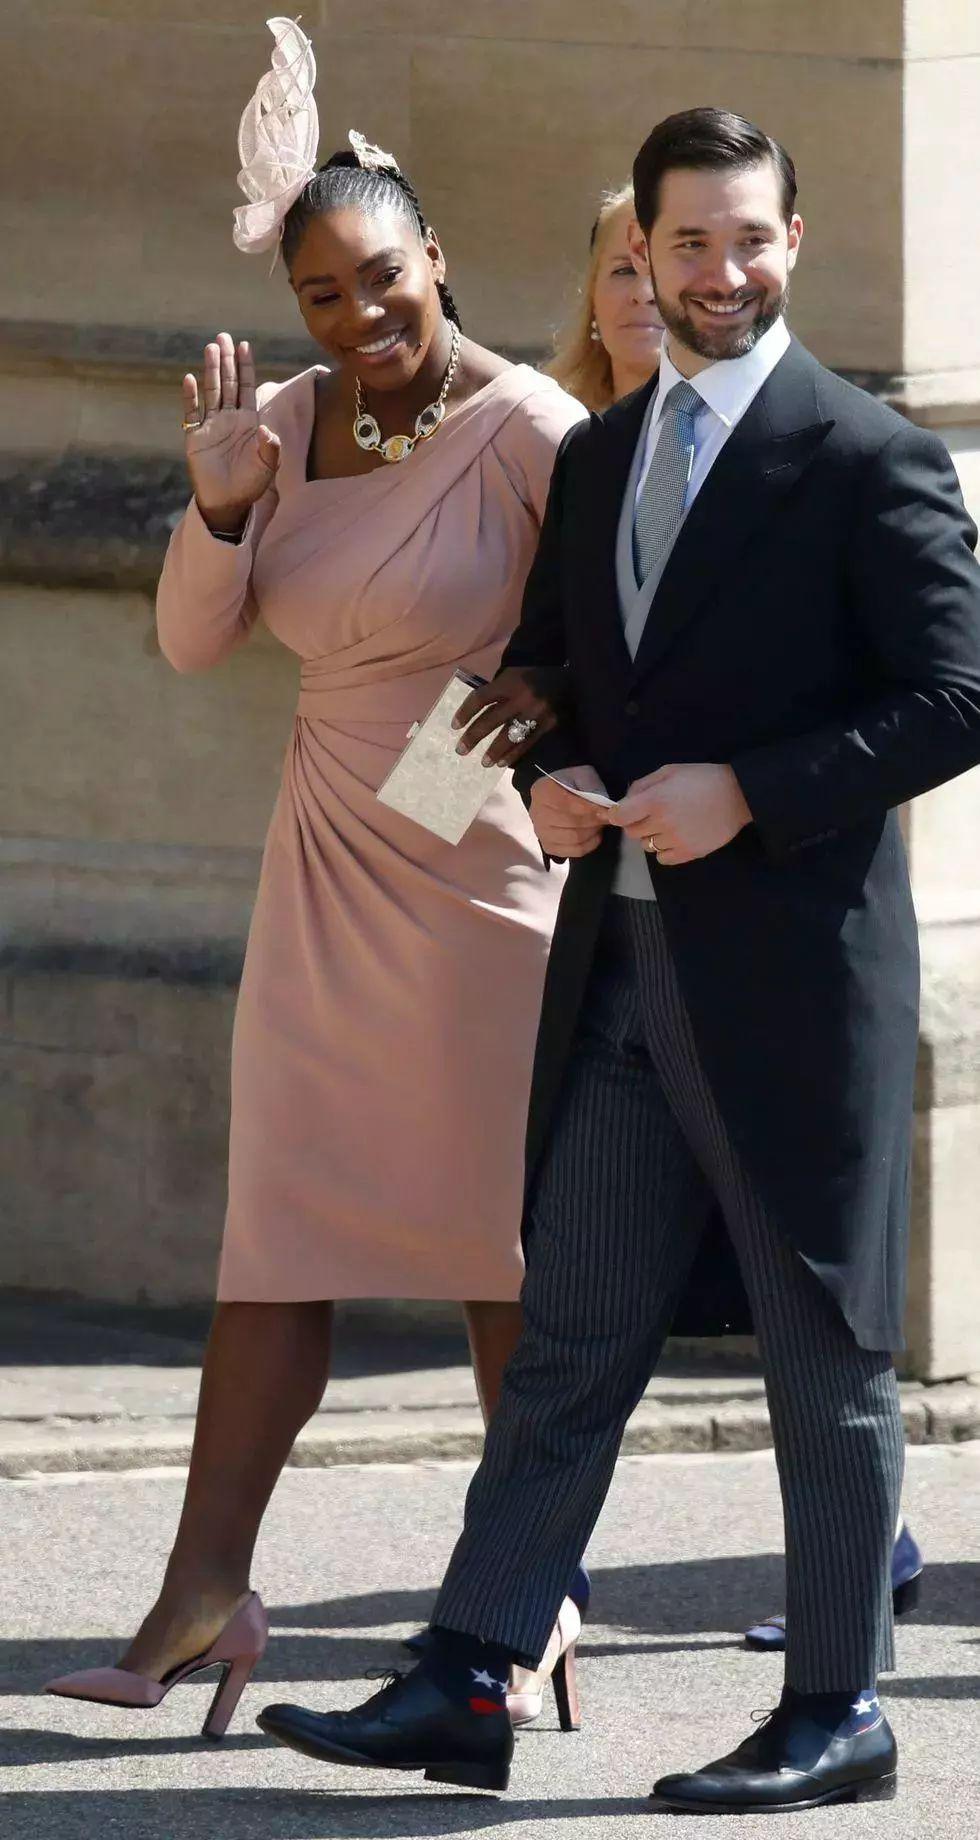 本是全球瞩目的王室婚礼,这些嘉宾却自顾自美上了天